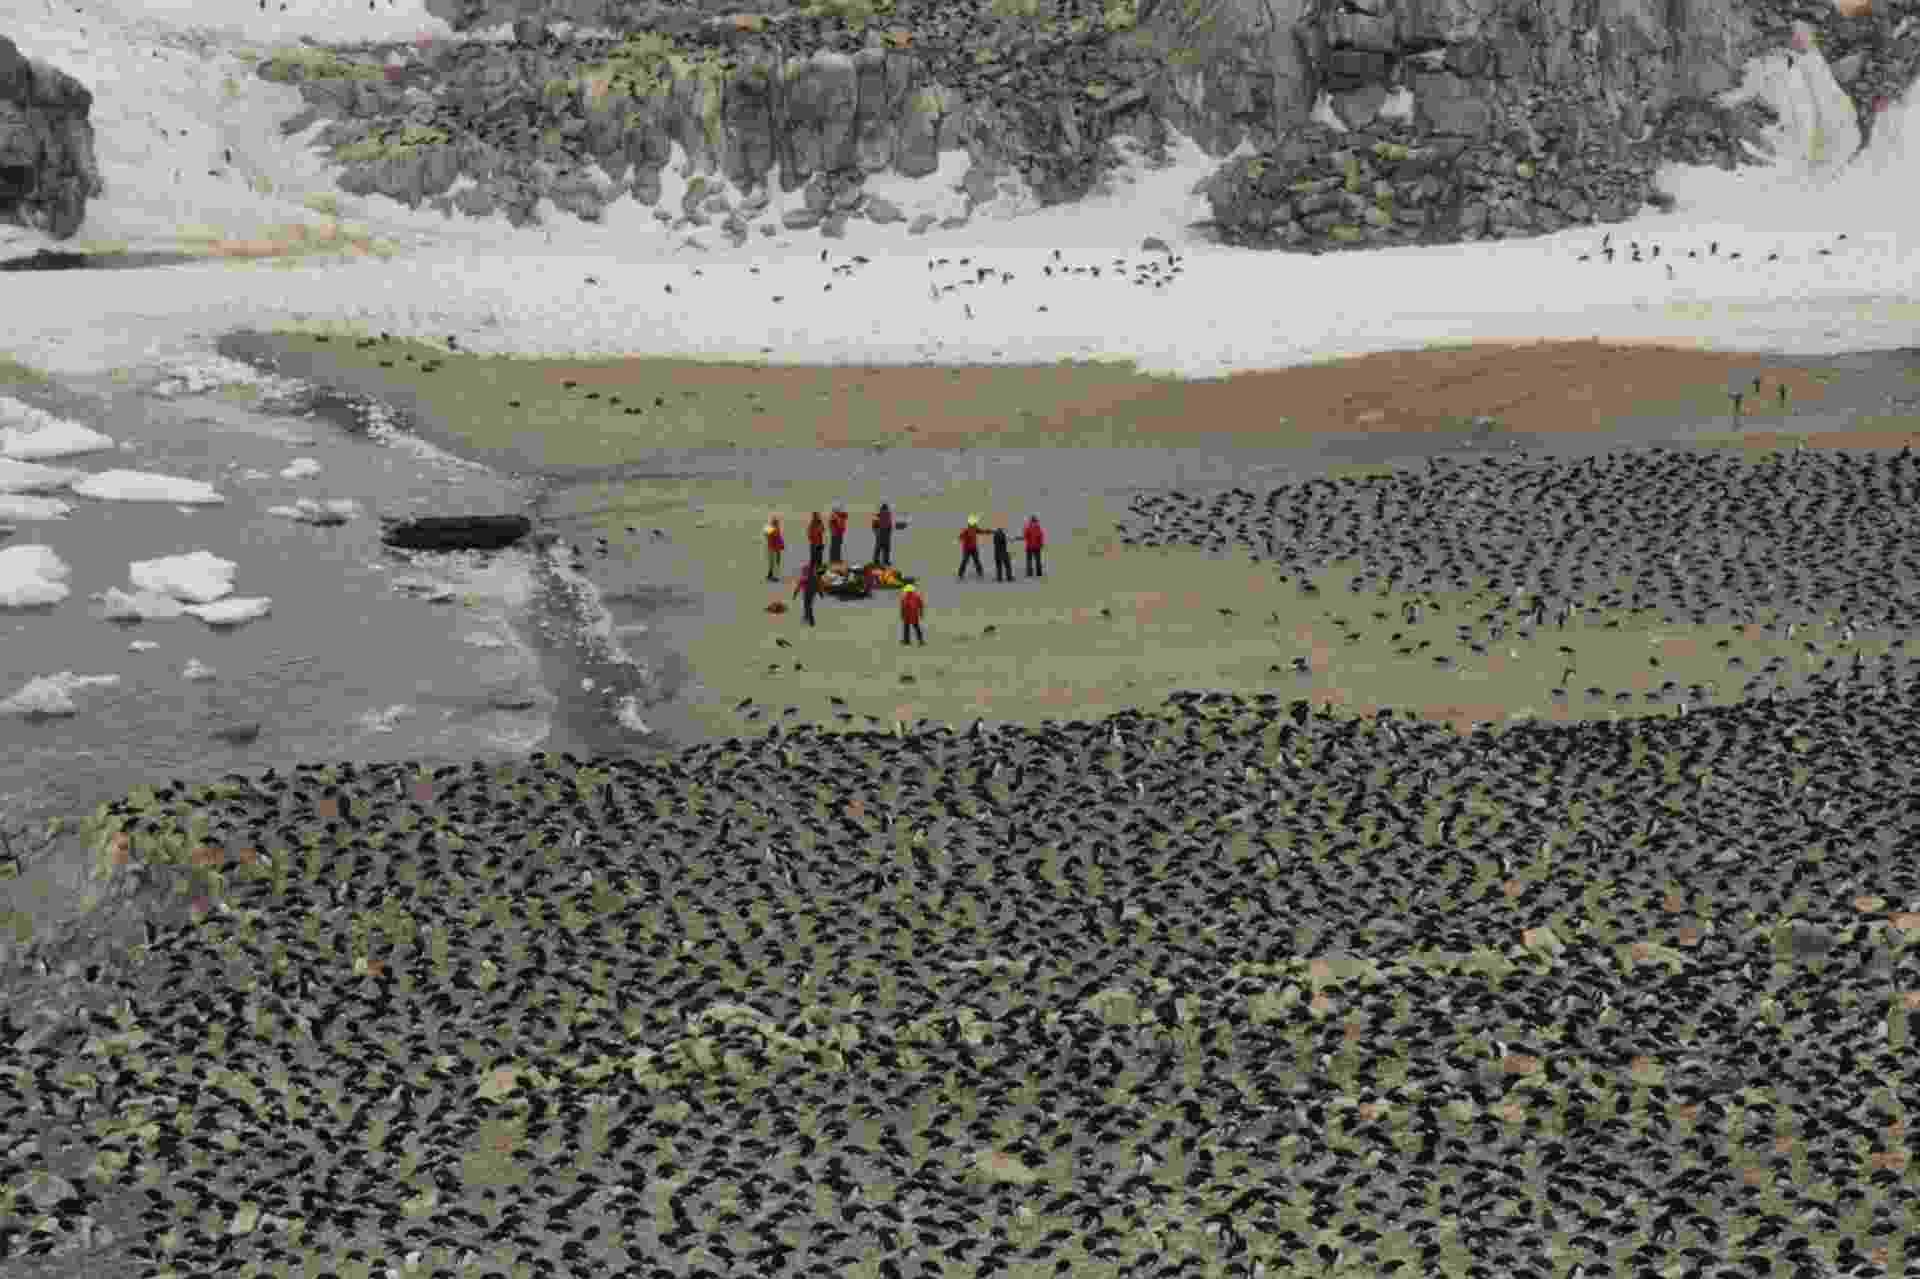 2.mar.2018 - De acordo com o estudo, as Ilhas Danger abrigam 751.527 casais de pinguins-de-Adélia - Louisiana State University/Michael Polito/AFP